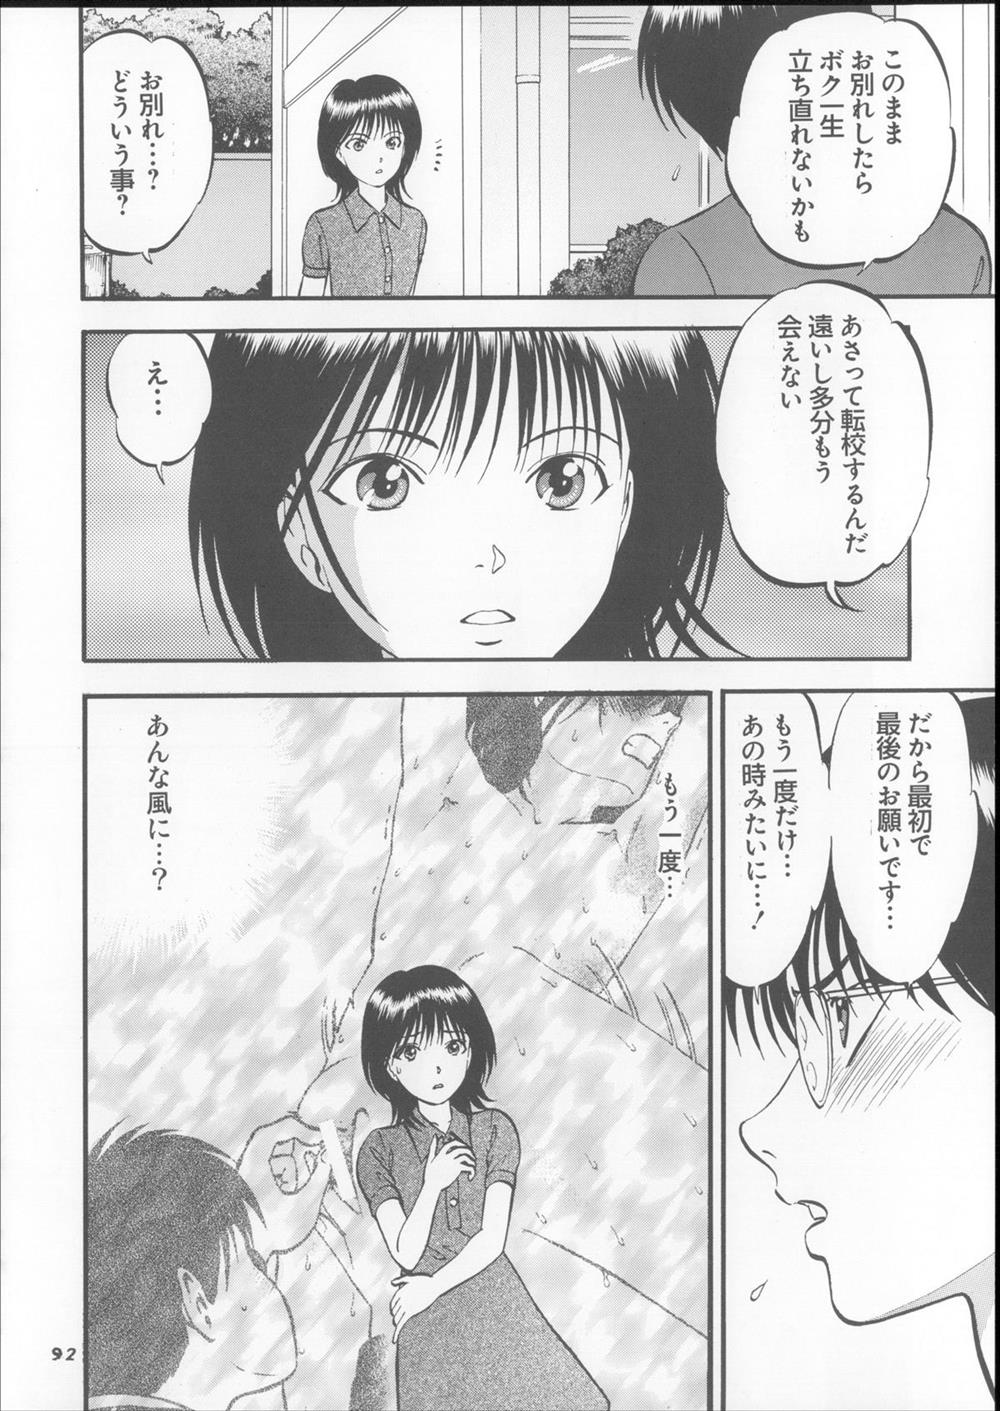 クリトリスの皮を剥かれて敏感になった女の子www同級生にいたずらされまくるwww【エロ漫画・エロ同人】 (91)